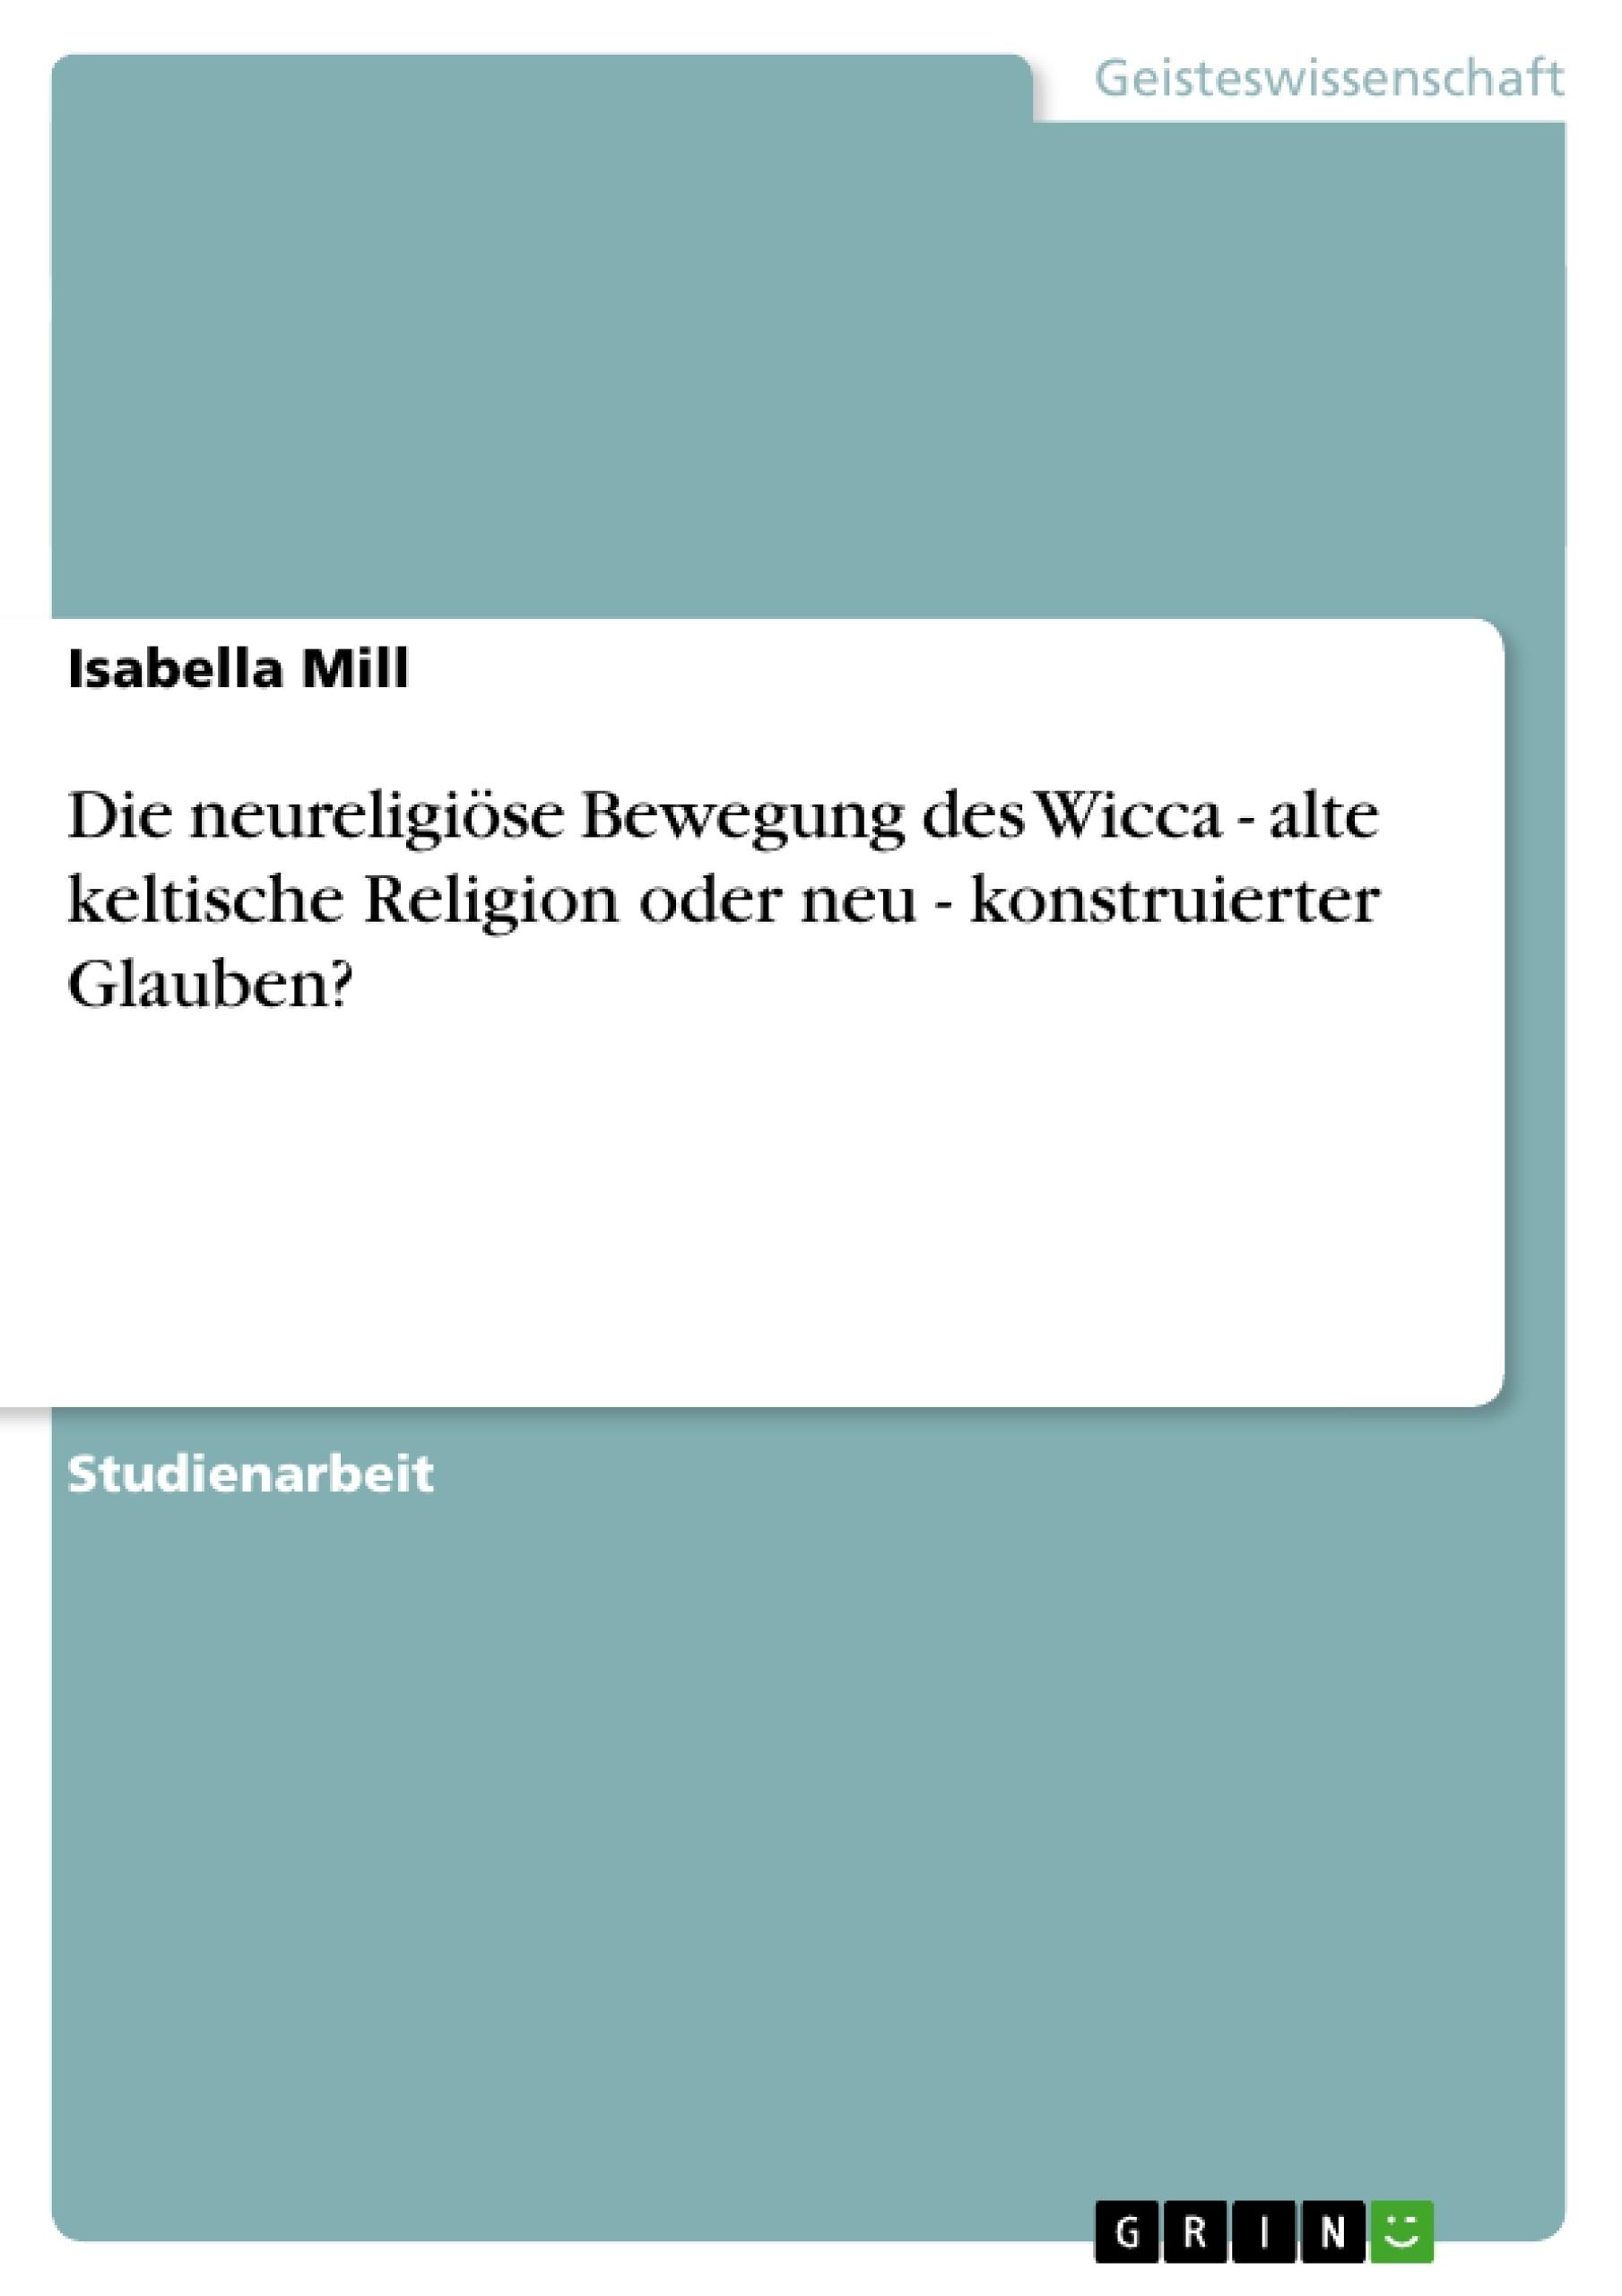 Titel: Die neureligiöse Bewegung des Wicca - alte keltische Religion oder neu - konstruierter Glauben?